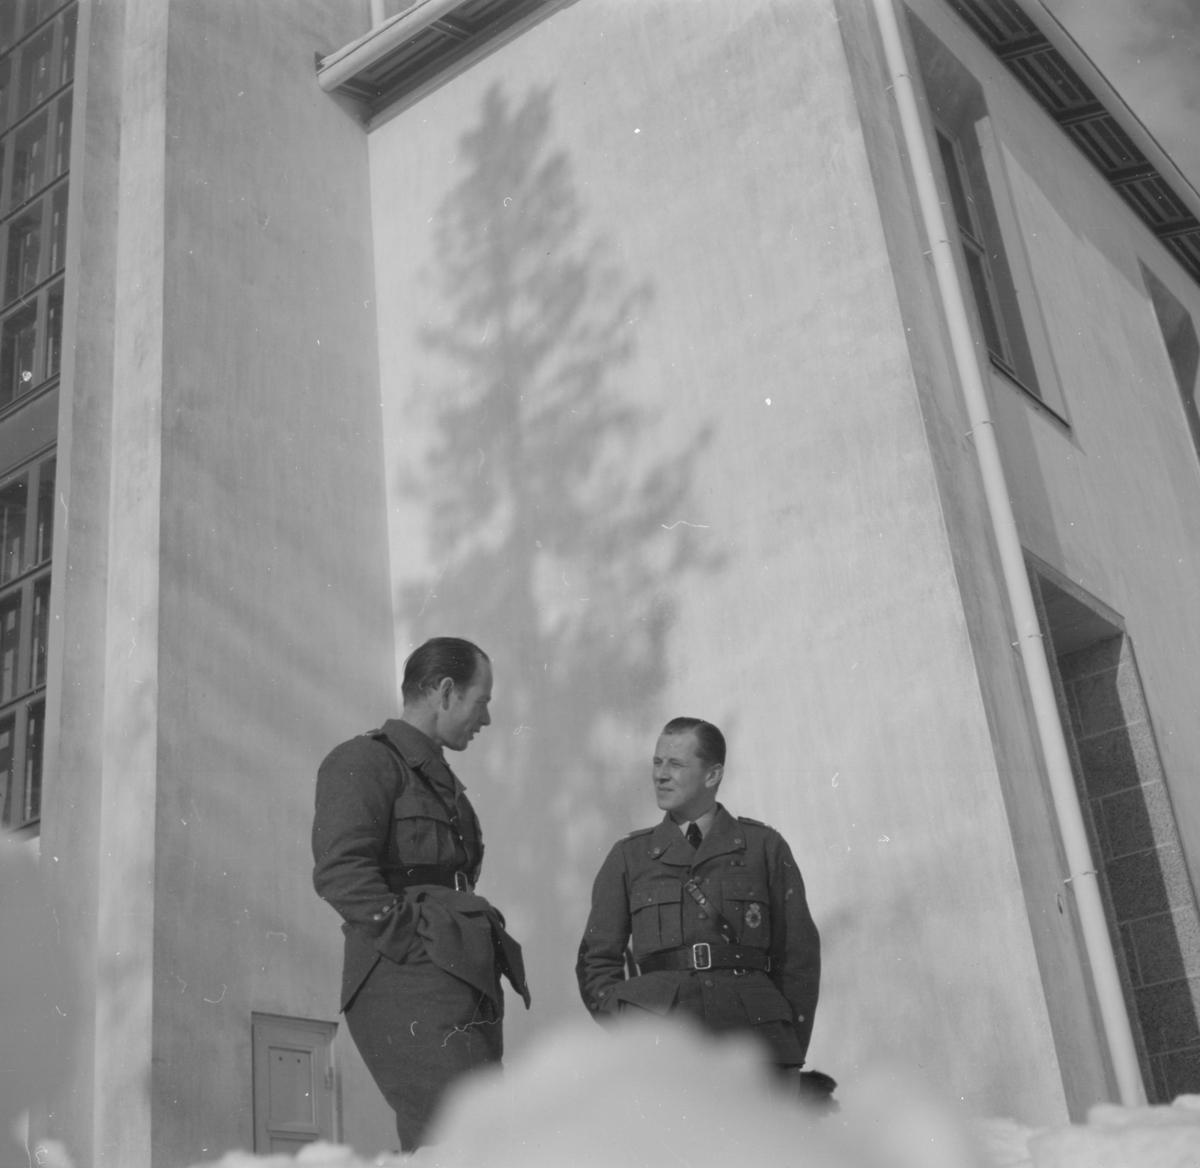 Två militärer tillhörande Svenska frivilligkåren i Finland, F 19, samtalar vid en byggnad. Snödriva i förgrunden.